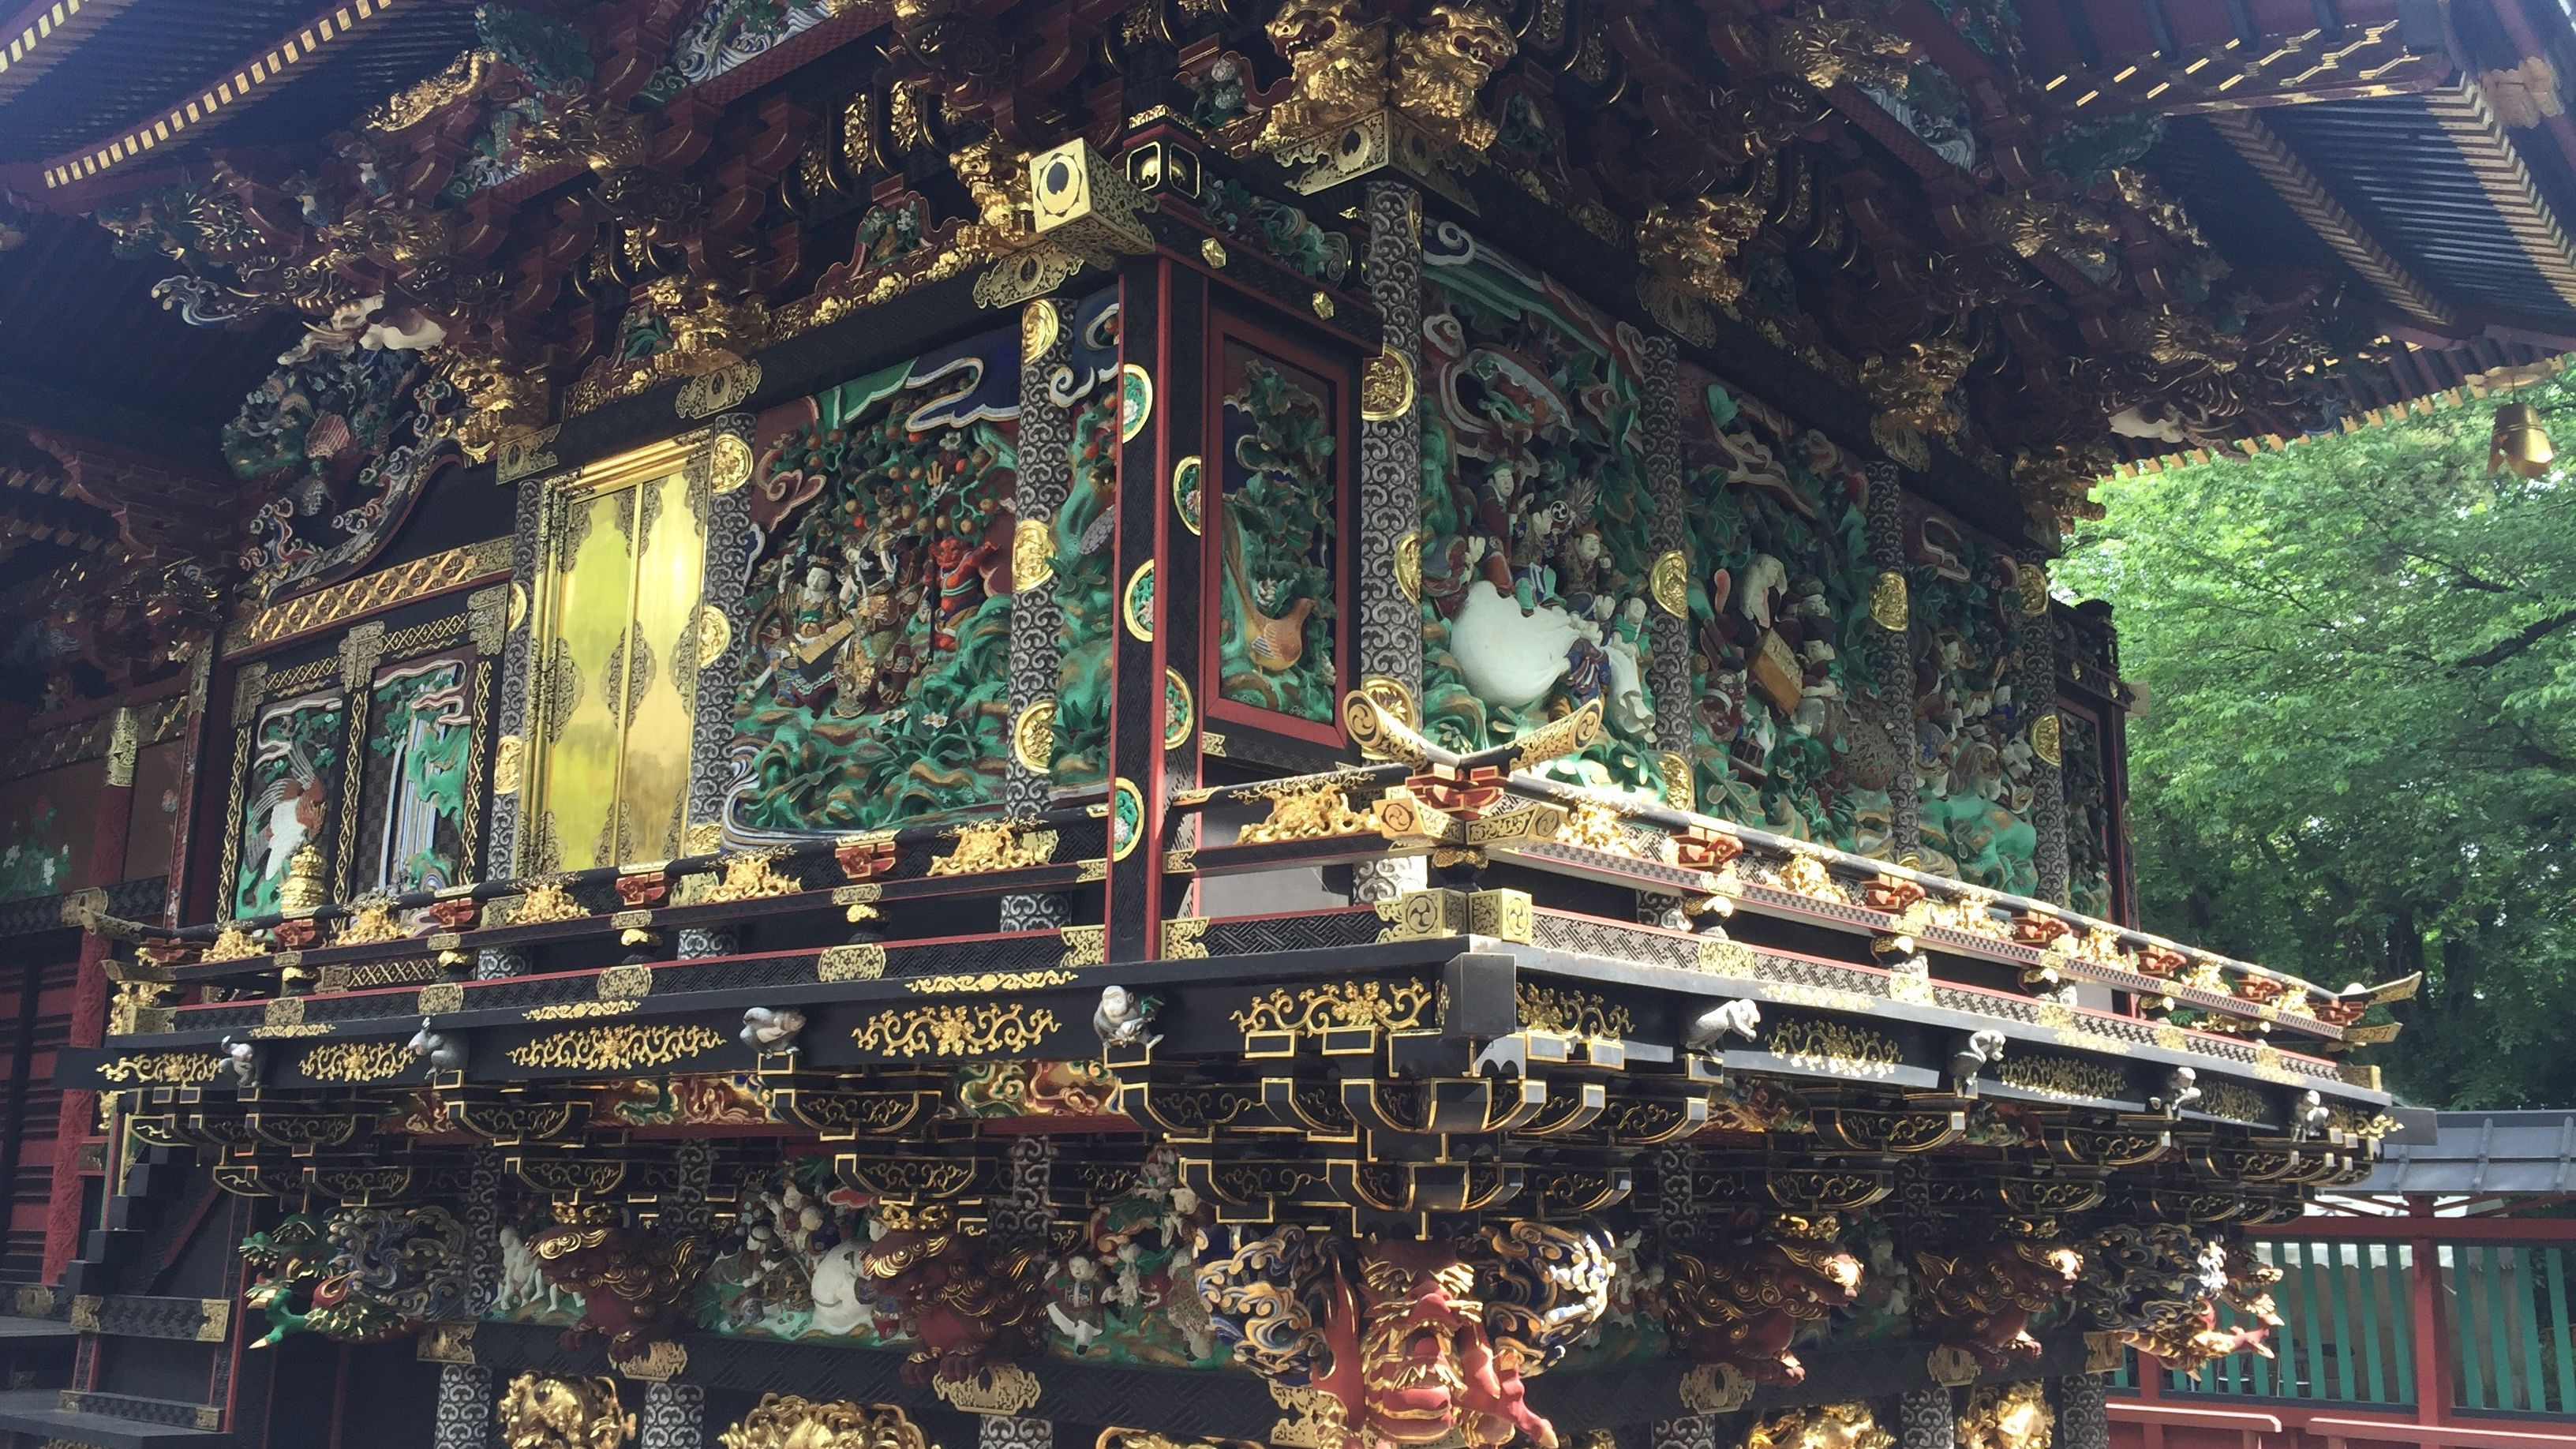 埼玉の日光東照宮!?熊谷市にある聖天山歓喜院がすごかった。